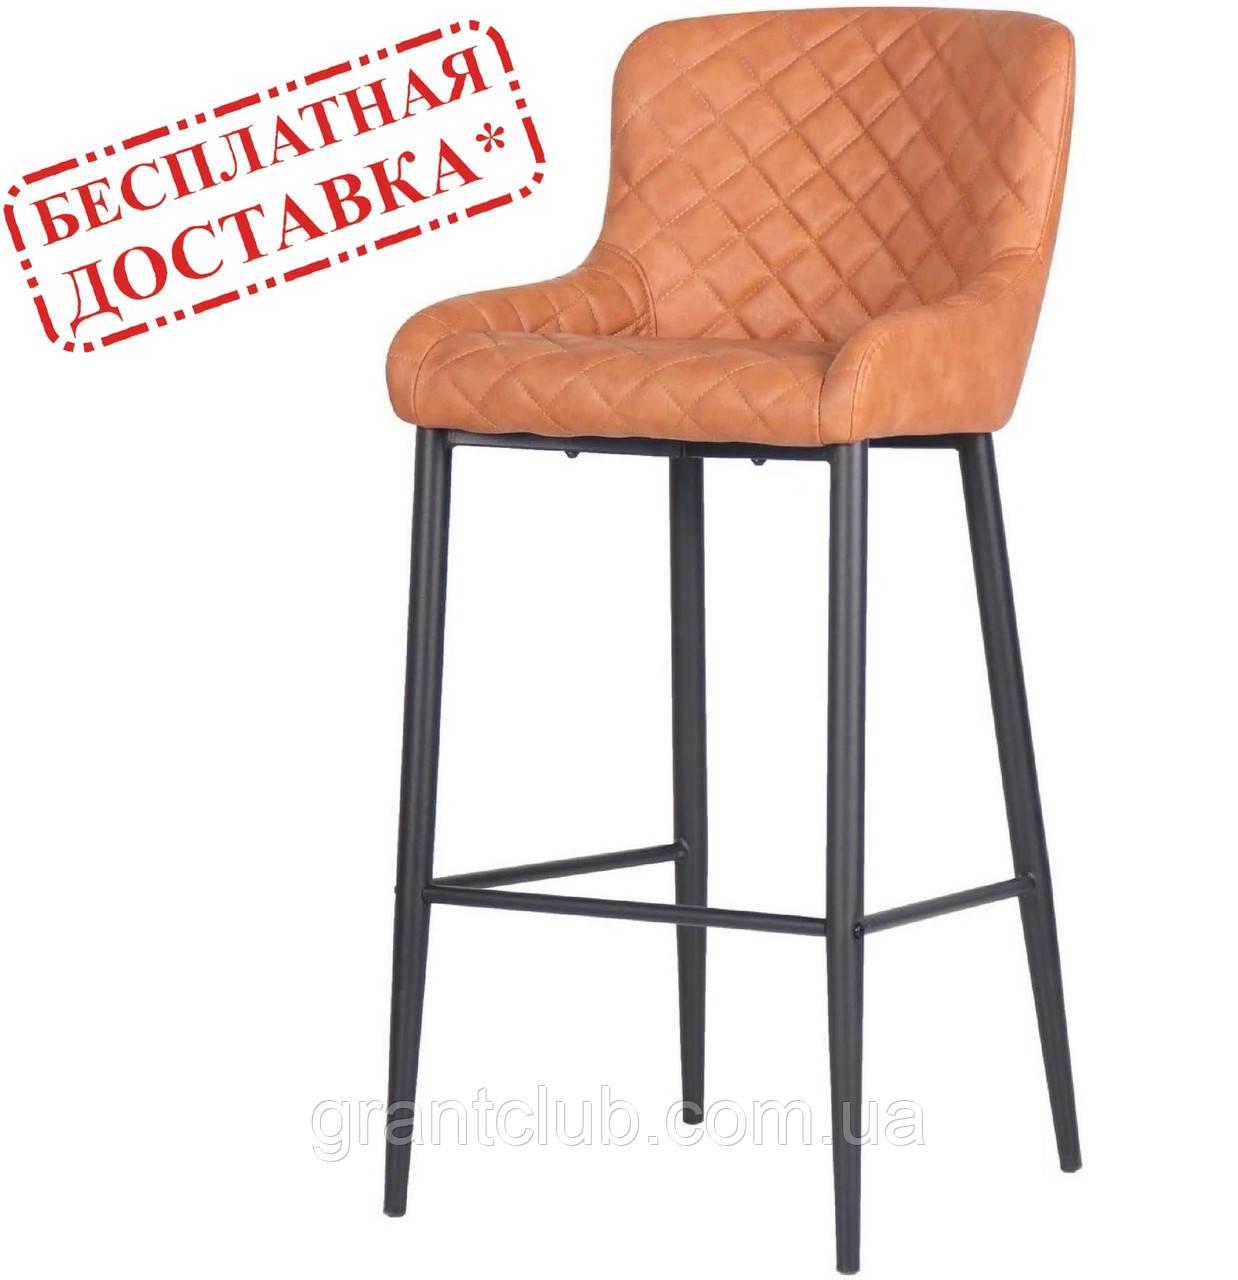 Стілець барний SADDLE ocher/охра AMF (безкоштовна адресна доставка)